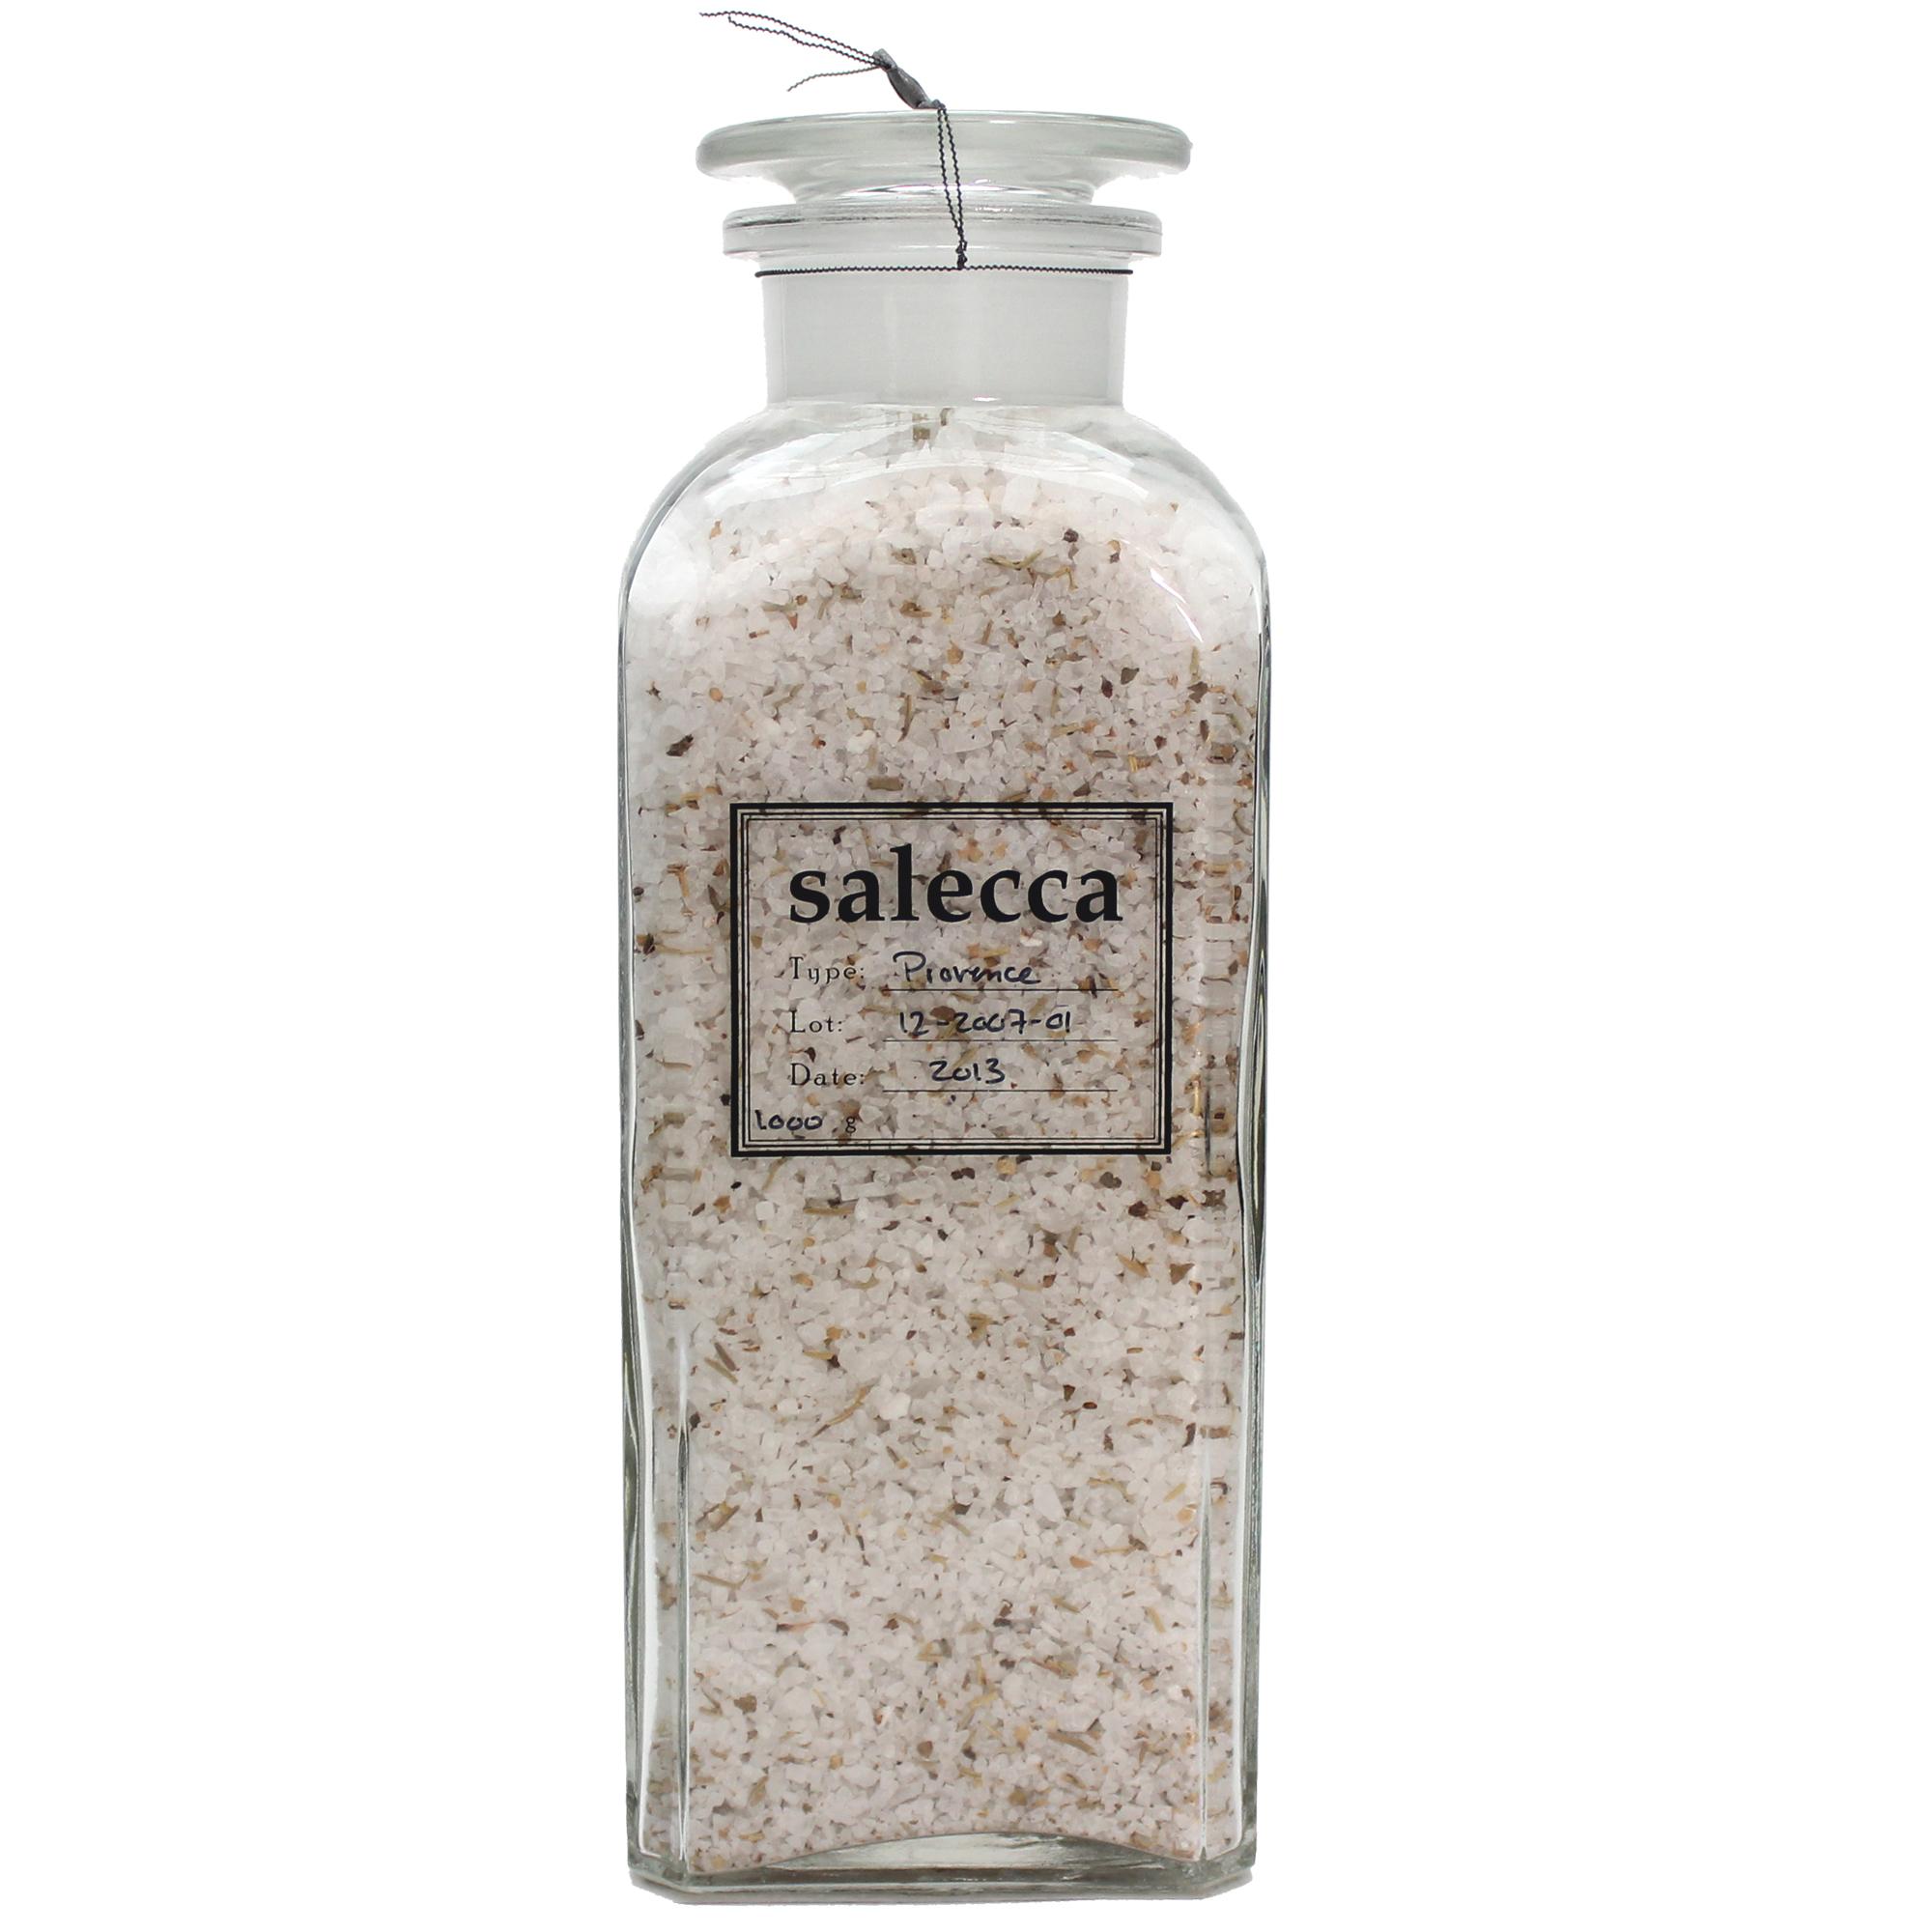 salecca-1kg-Gourmet-Salz-Andensalz-Hoehensalz-vom-Salar-de-Uyuni-Sel-Miroir